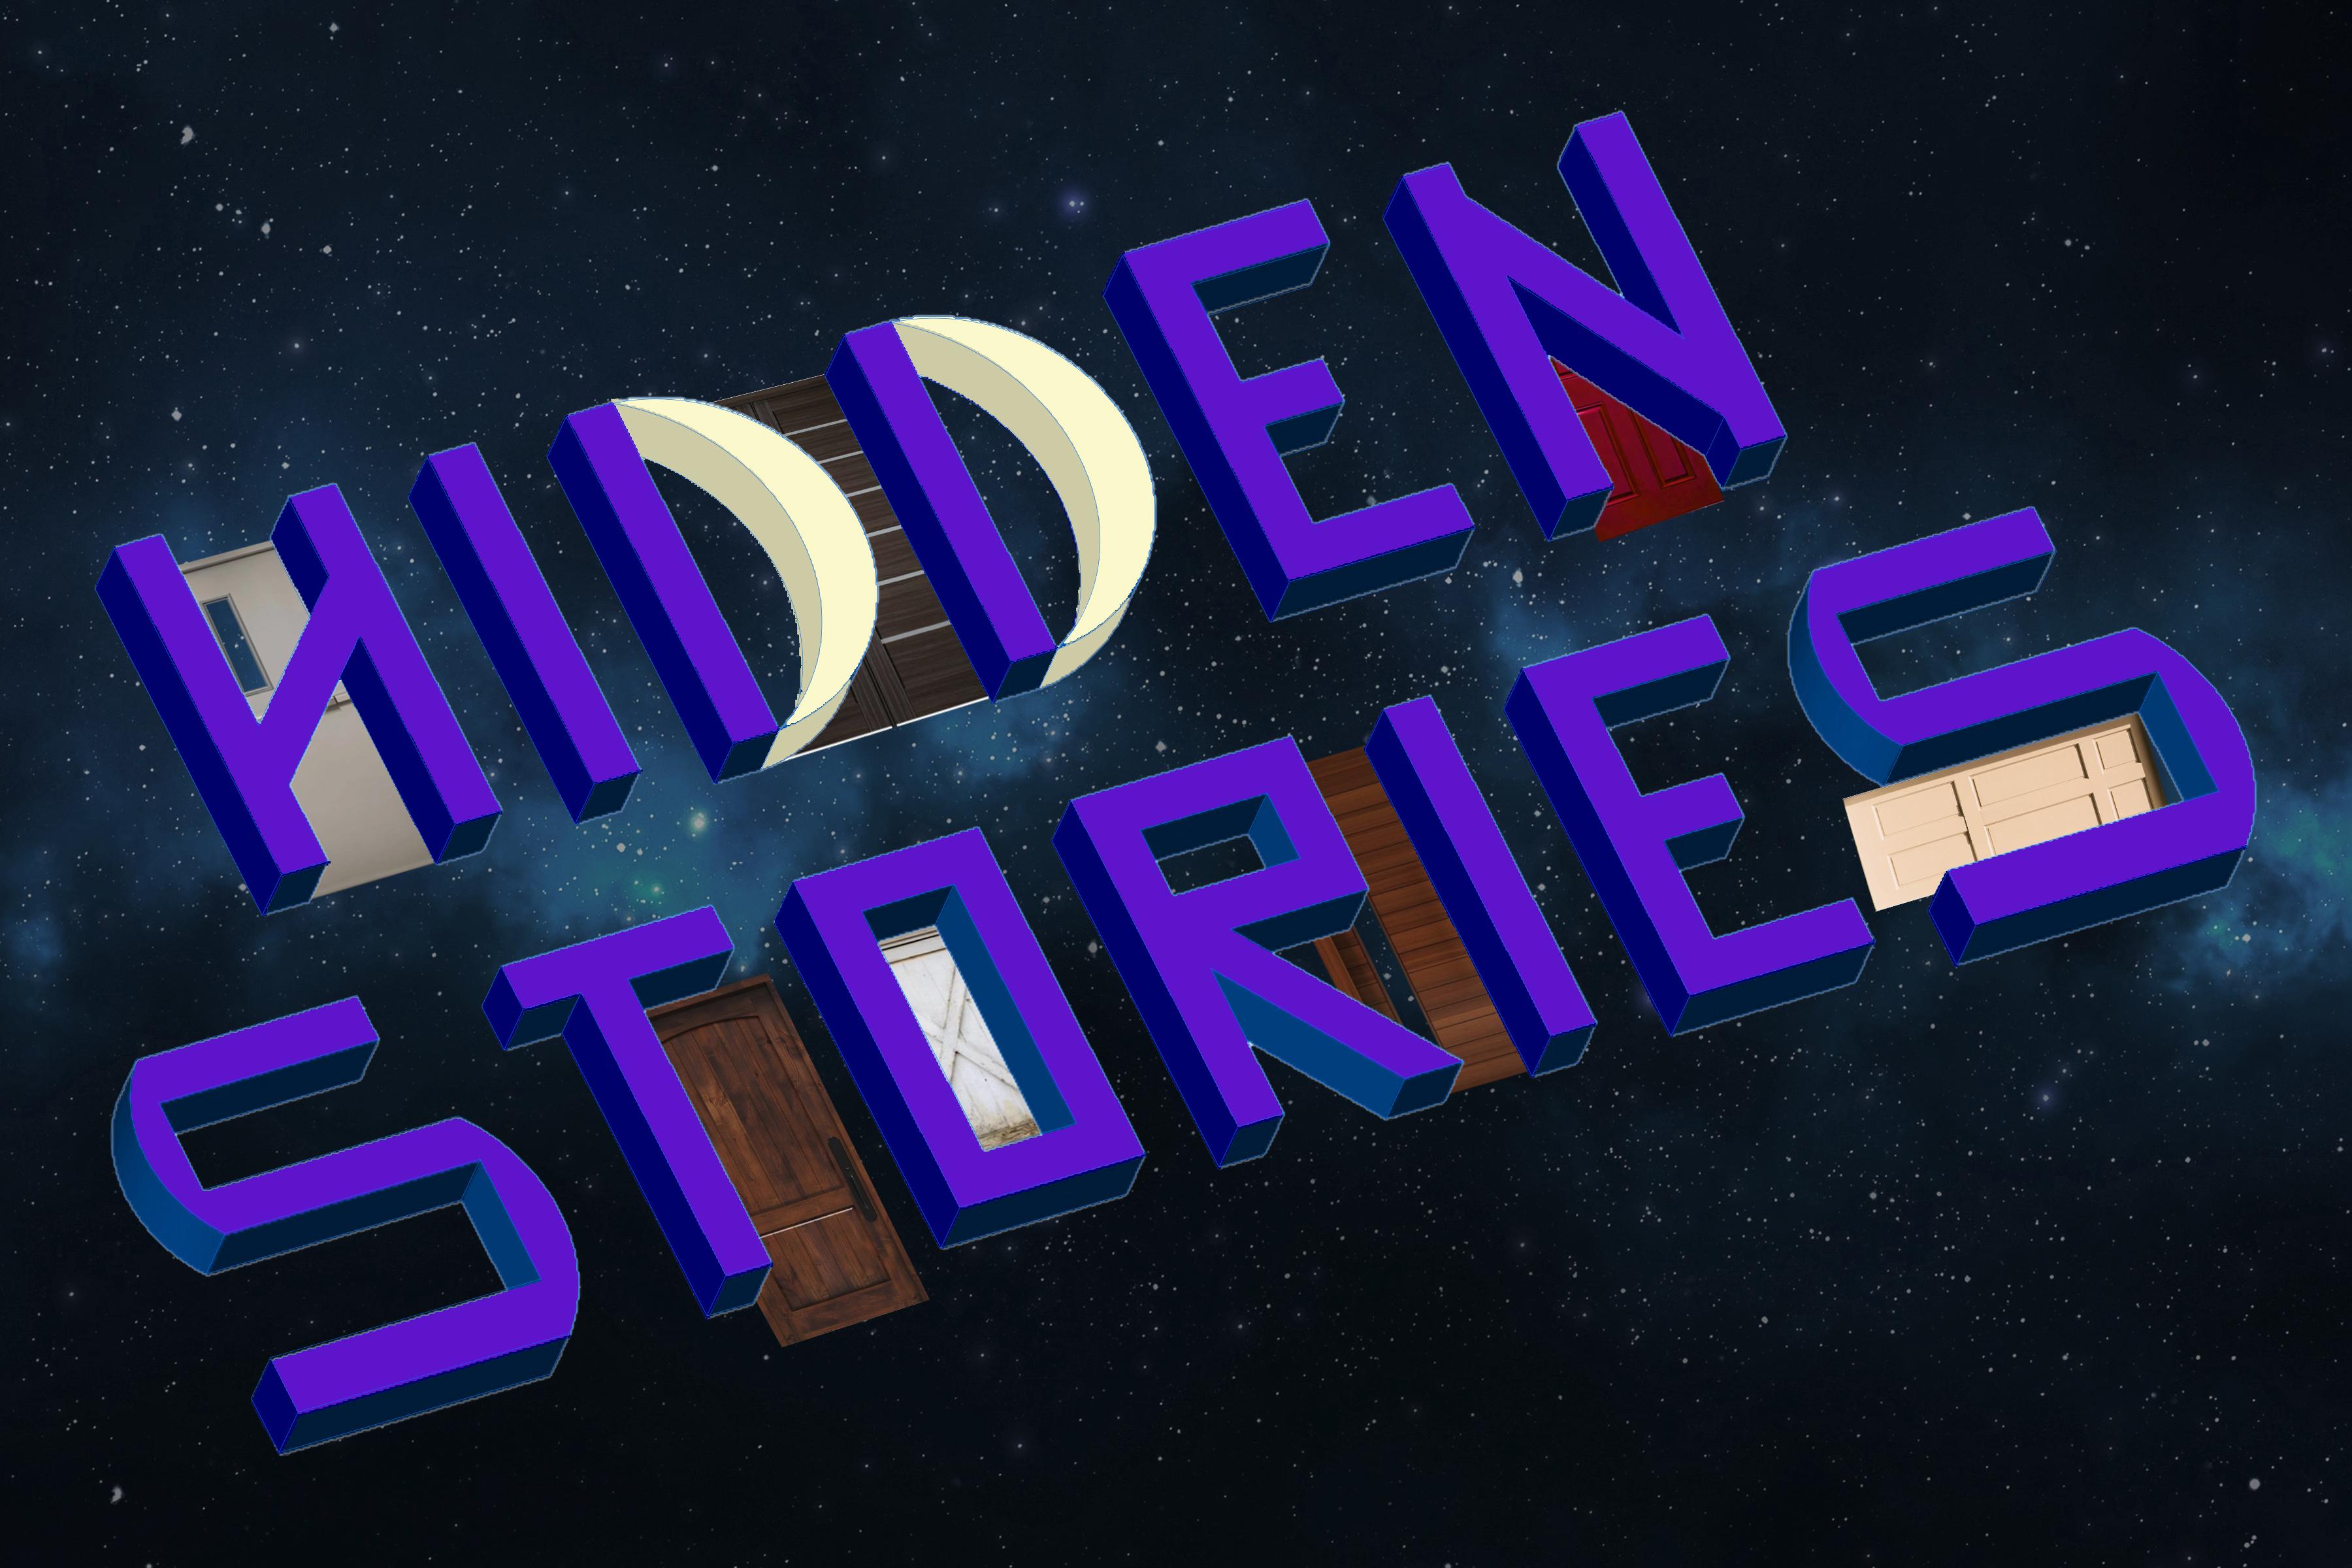 https://0201.nccdn.net/1_2/000/000/0e4/05b/hiddenstorieslogo_stars.jpg